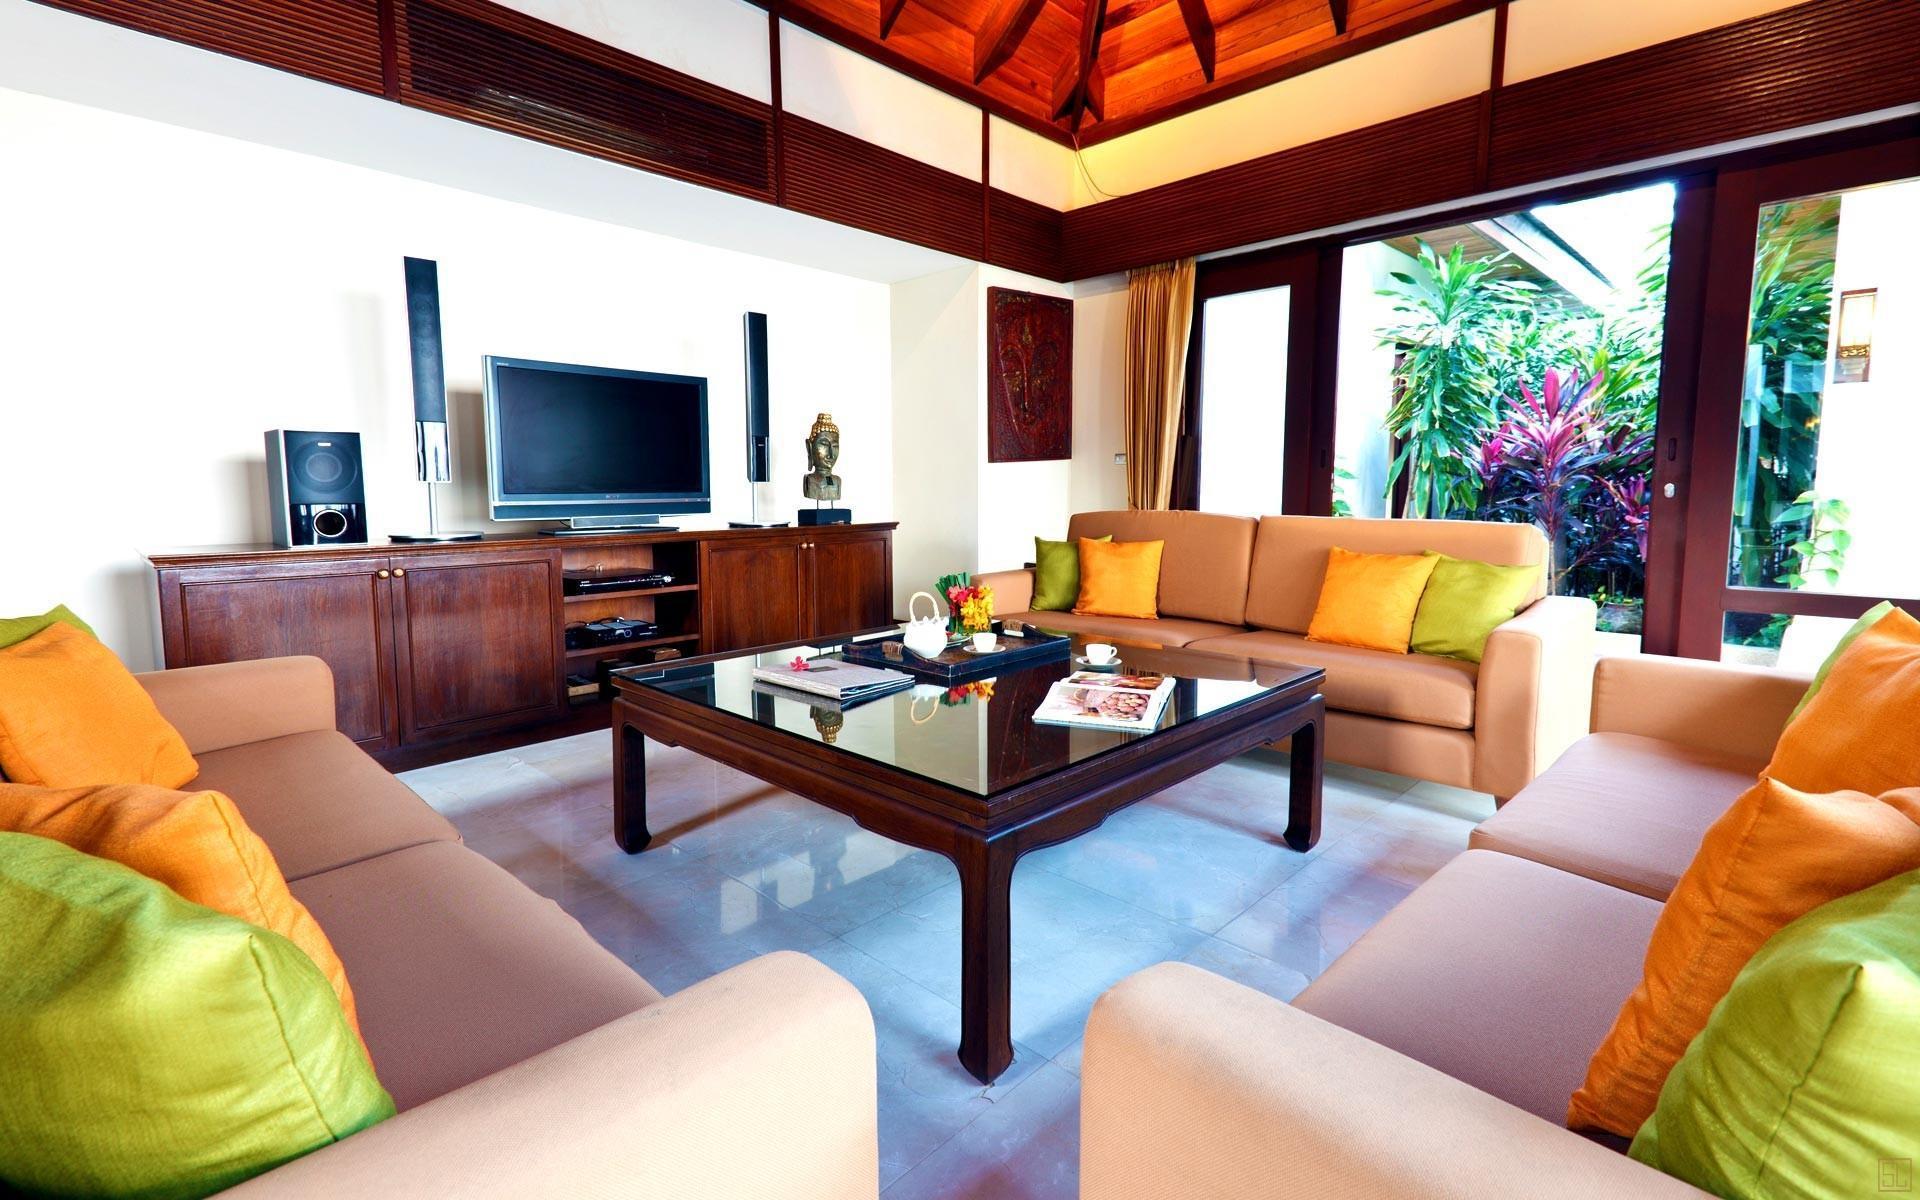 泰国苏梅岛密斯卡湾素馨别墅客厅内景